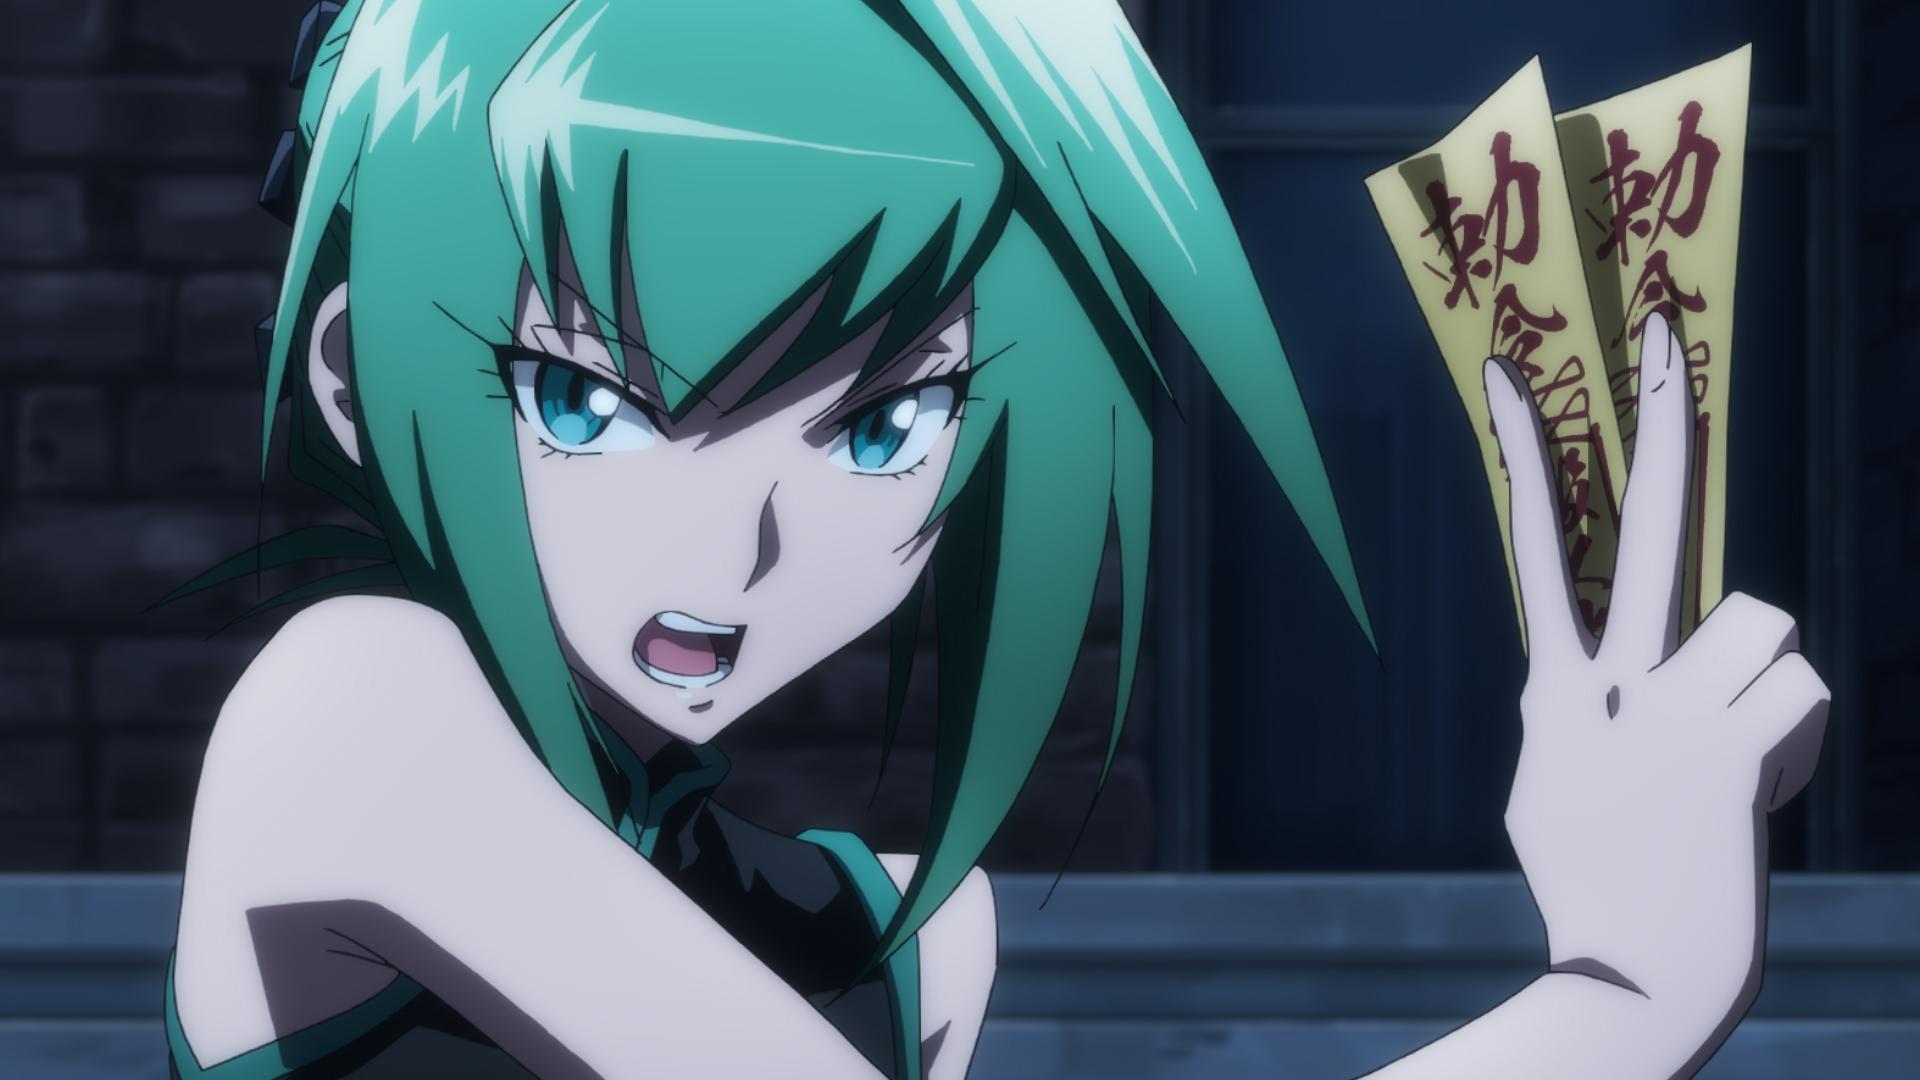 『シャーマンキング』の第3話ネタバレ・あらすじ・感想